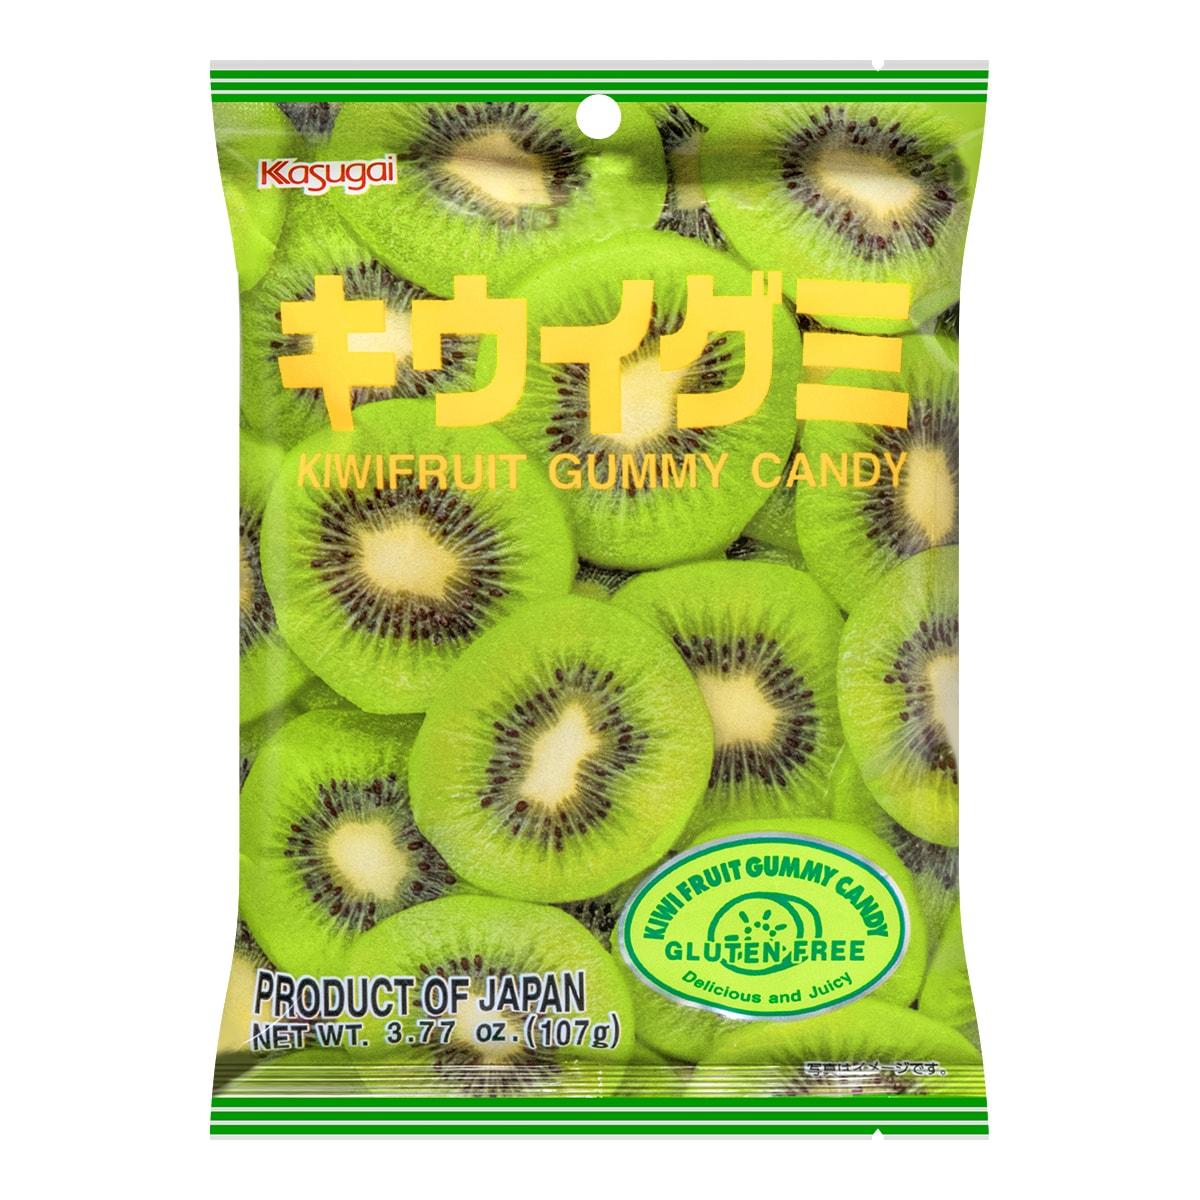 KASUGAI Kiwifruit Gummy Candy 107g